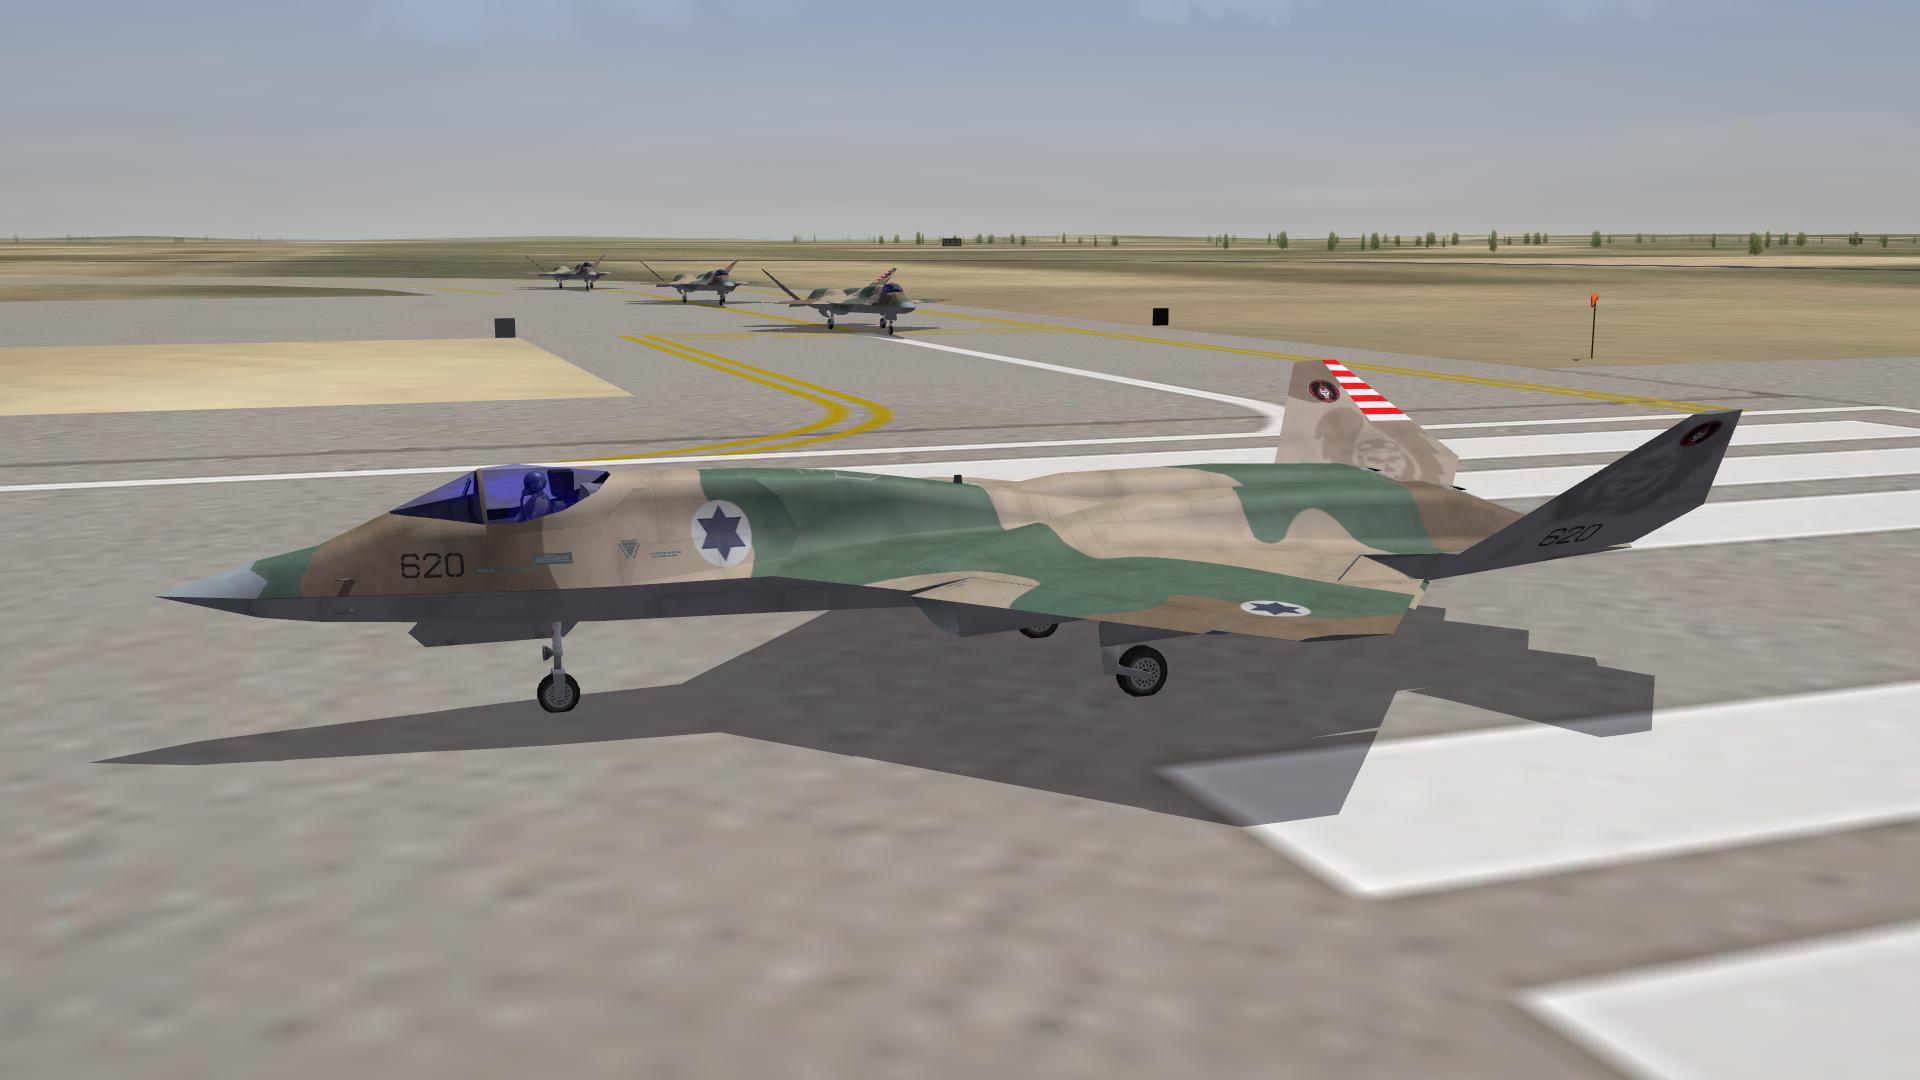 101sq IAF for Dels' F-23A Black Widow II